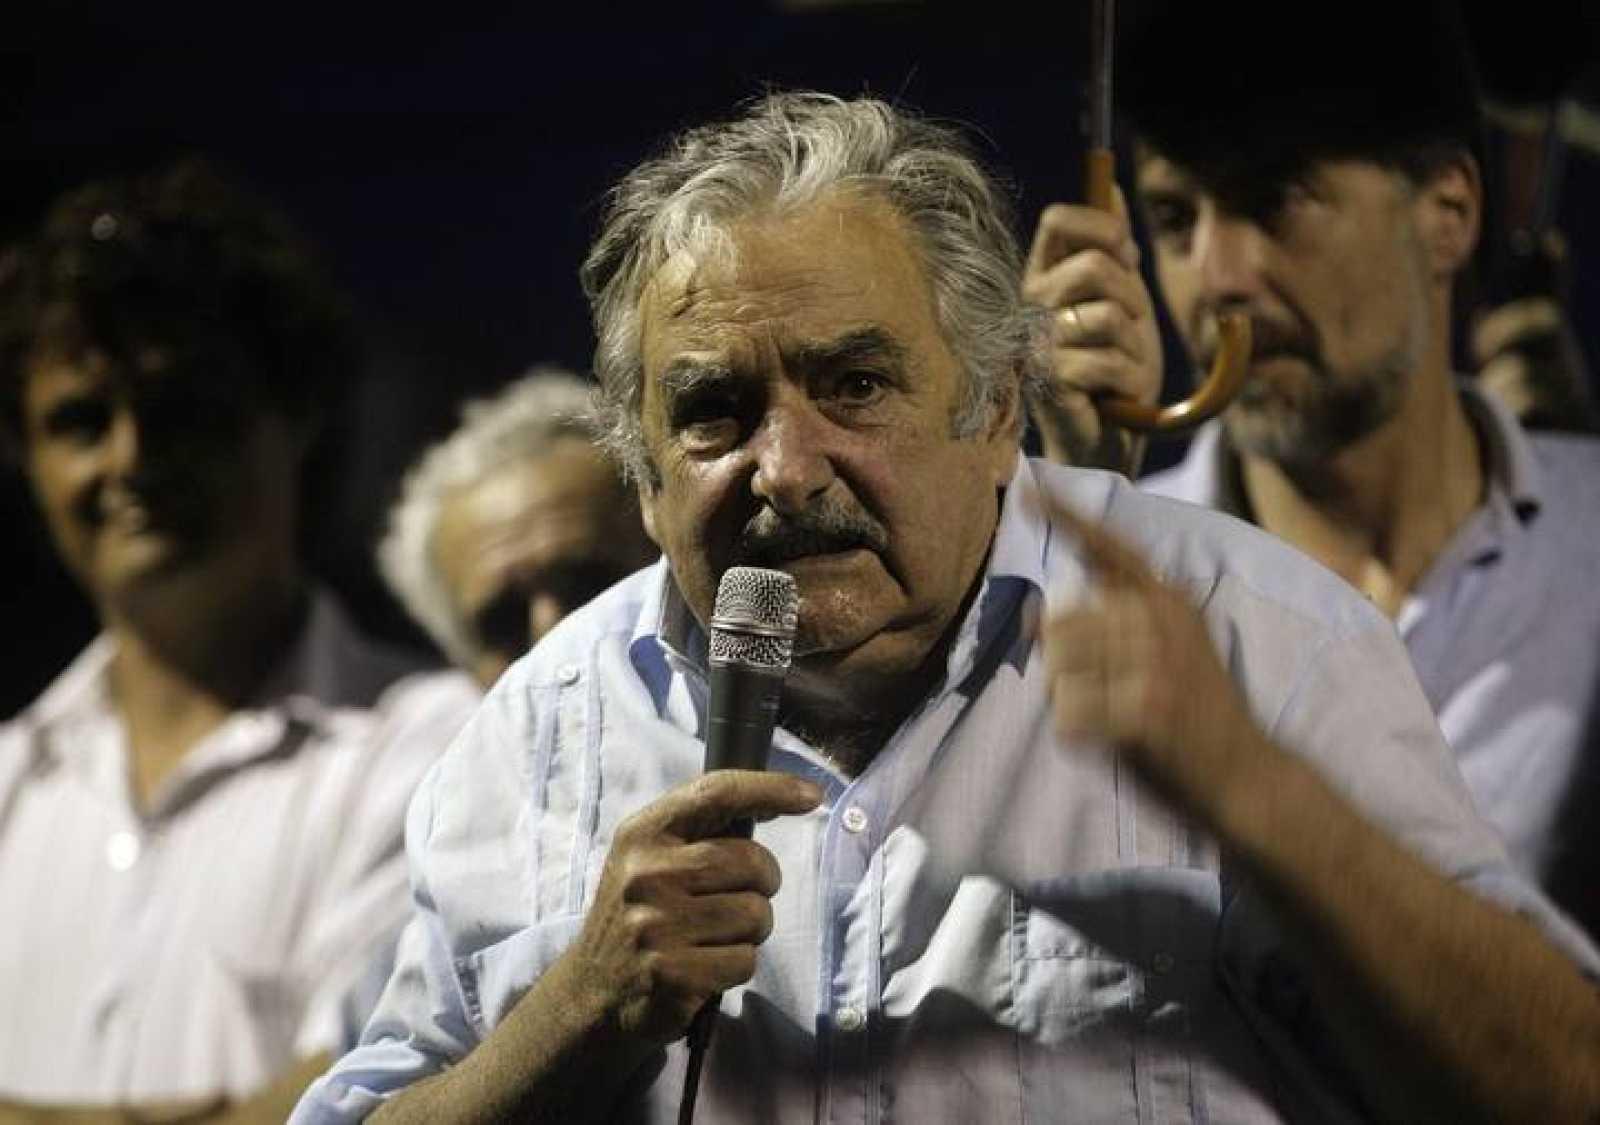 El candidato uruguayo del Frente Amplio, José Mujica, participa en uno de sus últimos actos de campaña en Maldonado, Uruguay.